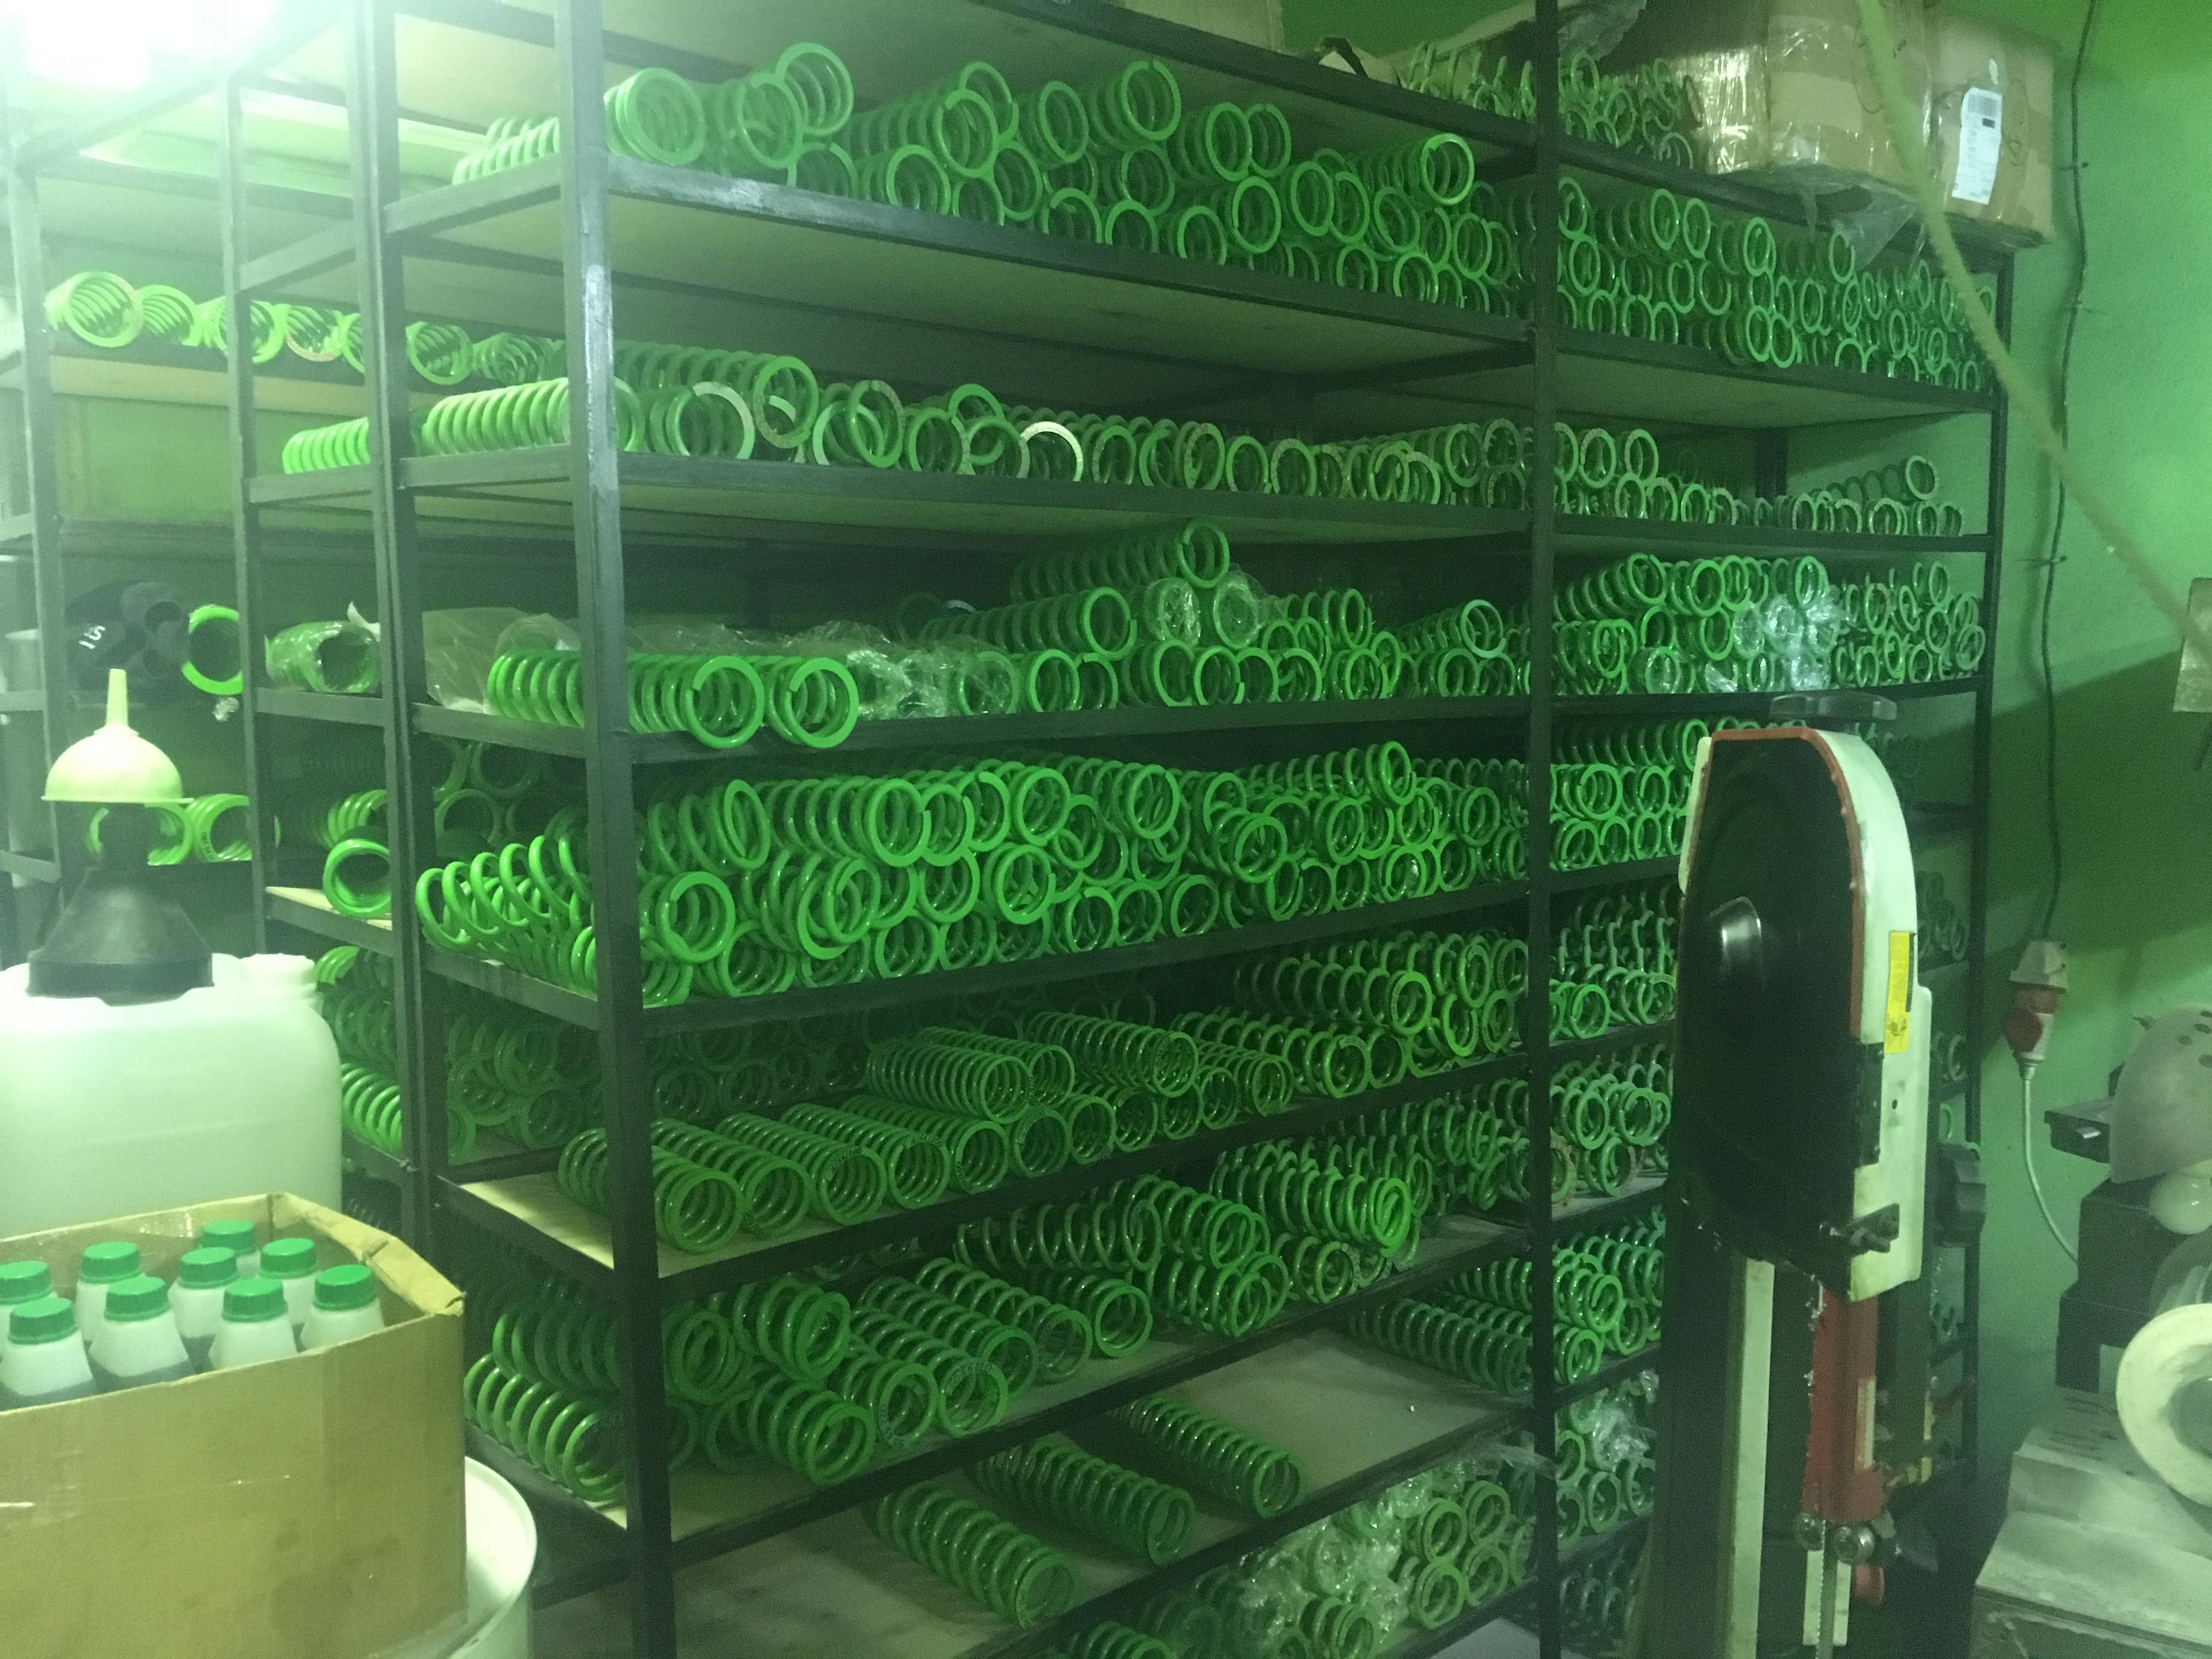 На складе Spectrum имеется большое количество пружин, разных размеров и нагрузок.